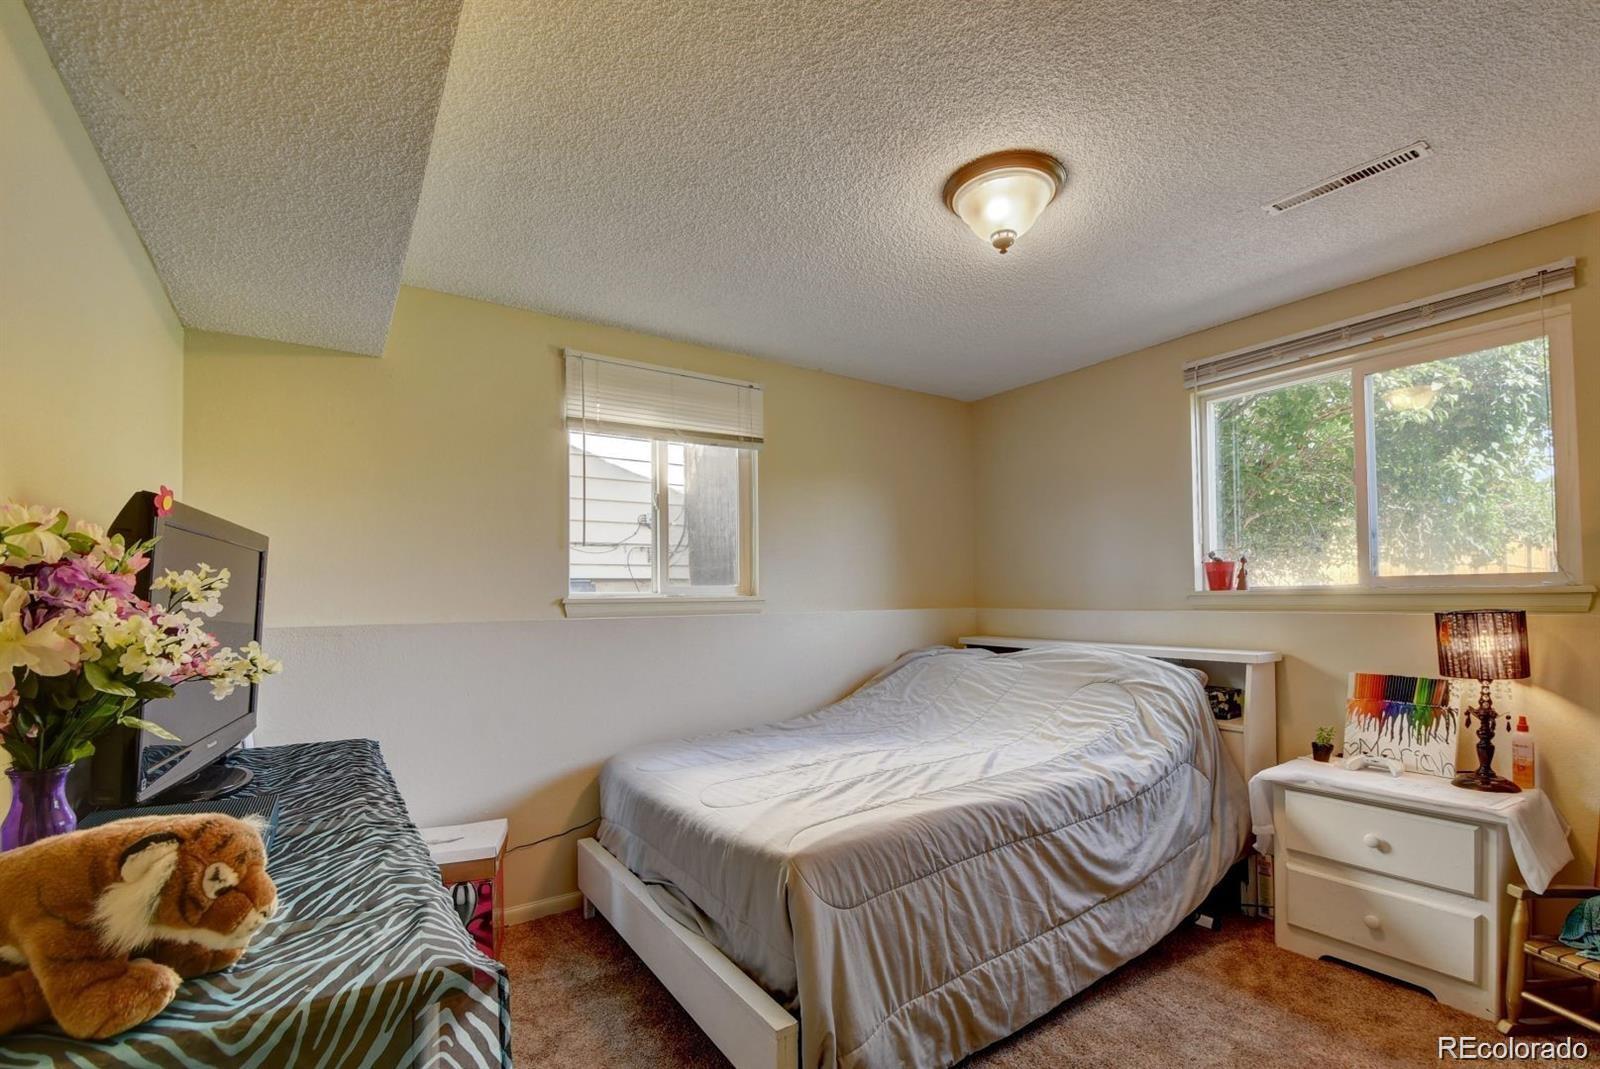 MLS# 5761451 - 15 - 16591 E 7th Place, Aurora, CO 80011